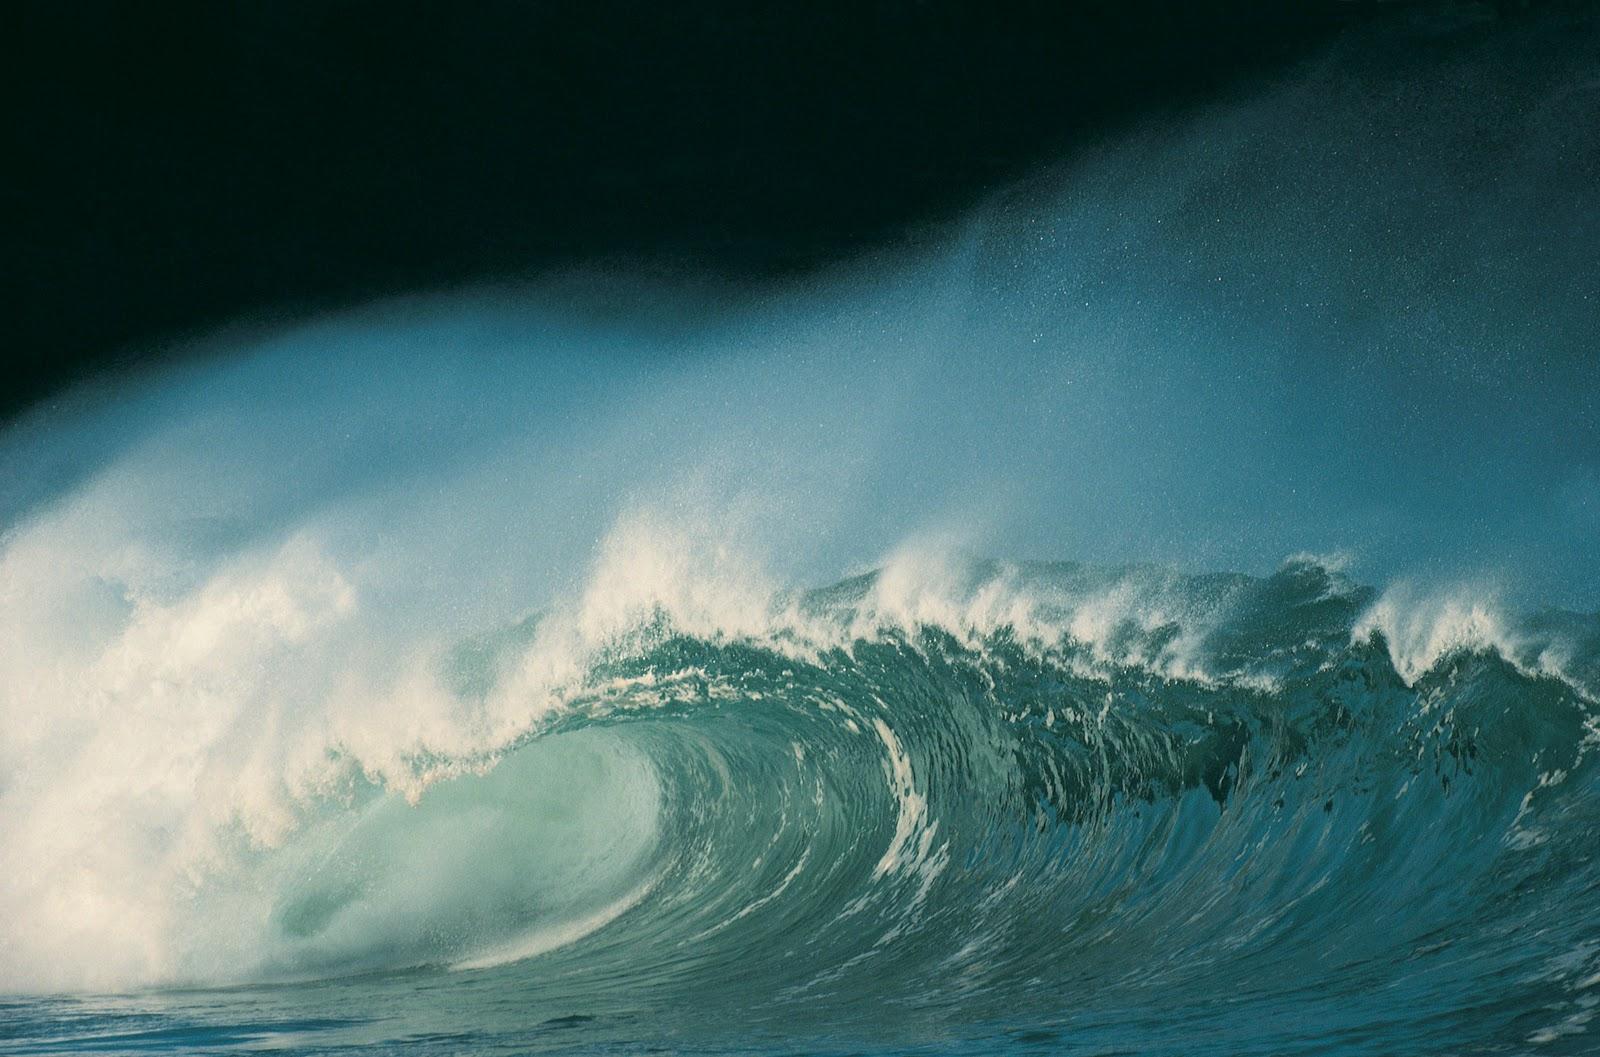 Wave+HD+Wallpapers+%2819%29.jpg